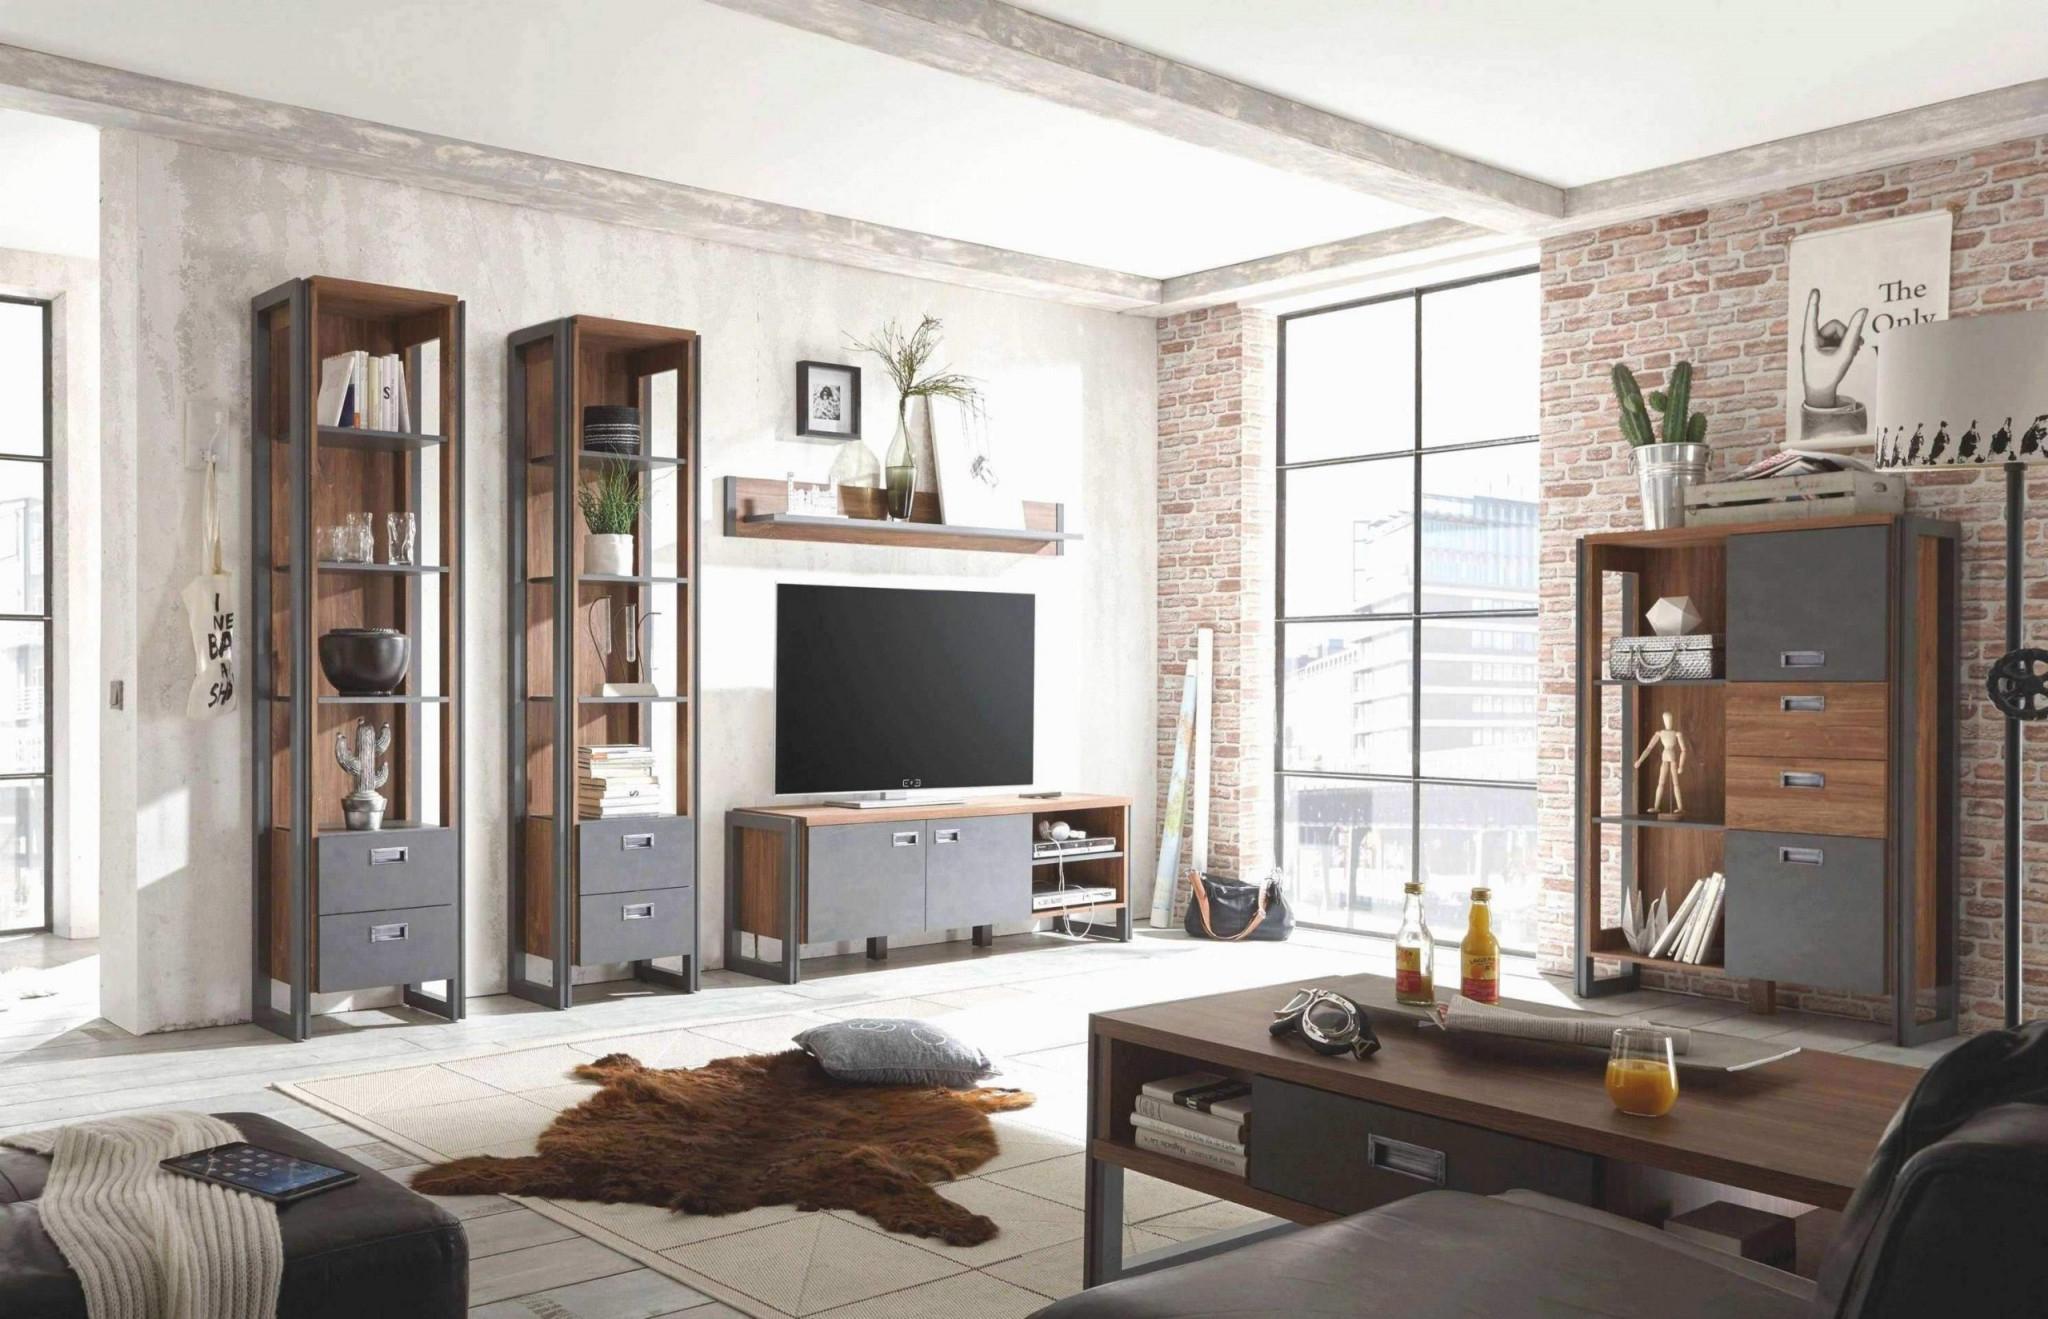 33 Reizend 16 Qm Wohnzimmer Einrichten Genial  Wohnzimmer von Bilder Einrichtung Wohnzimmer Photo